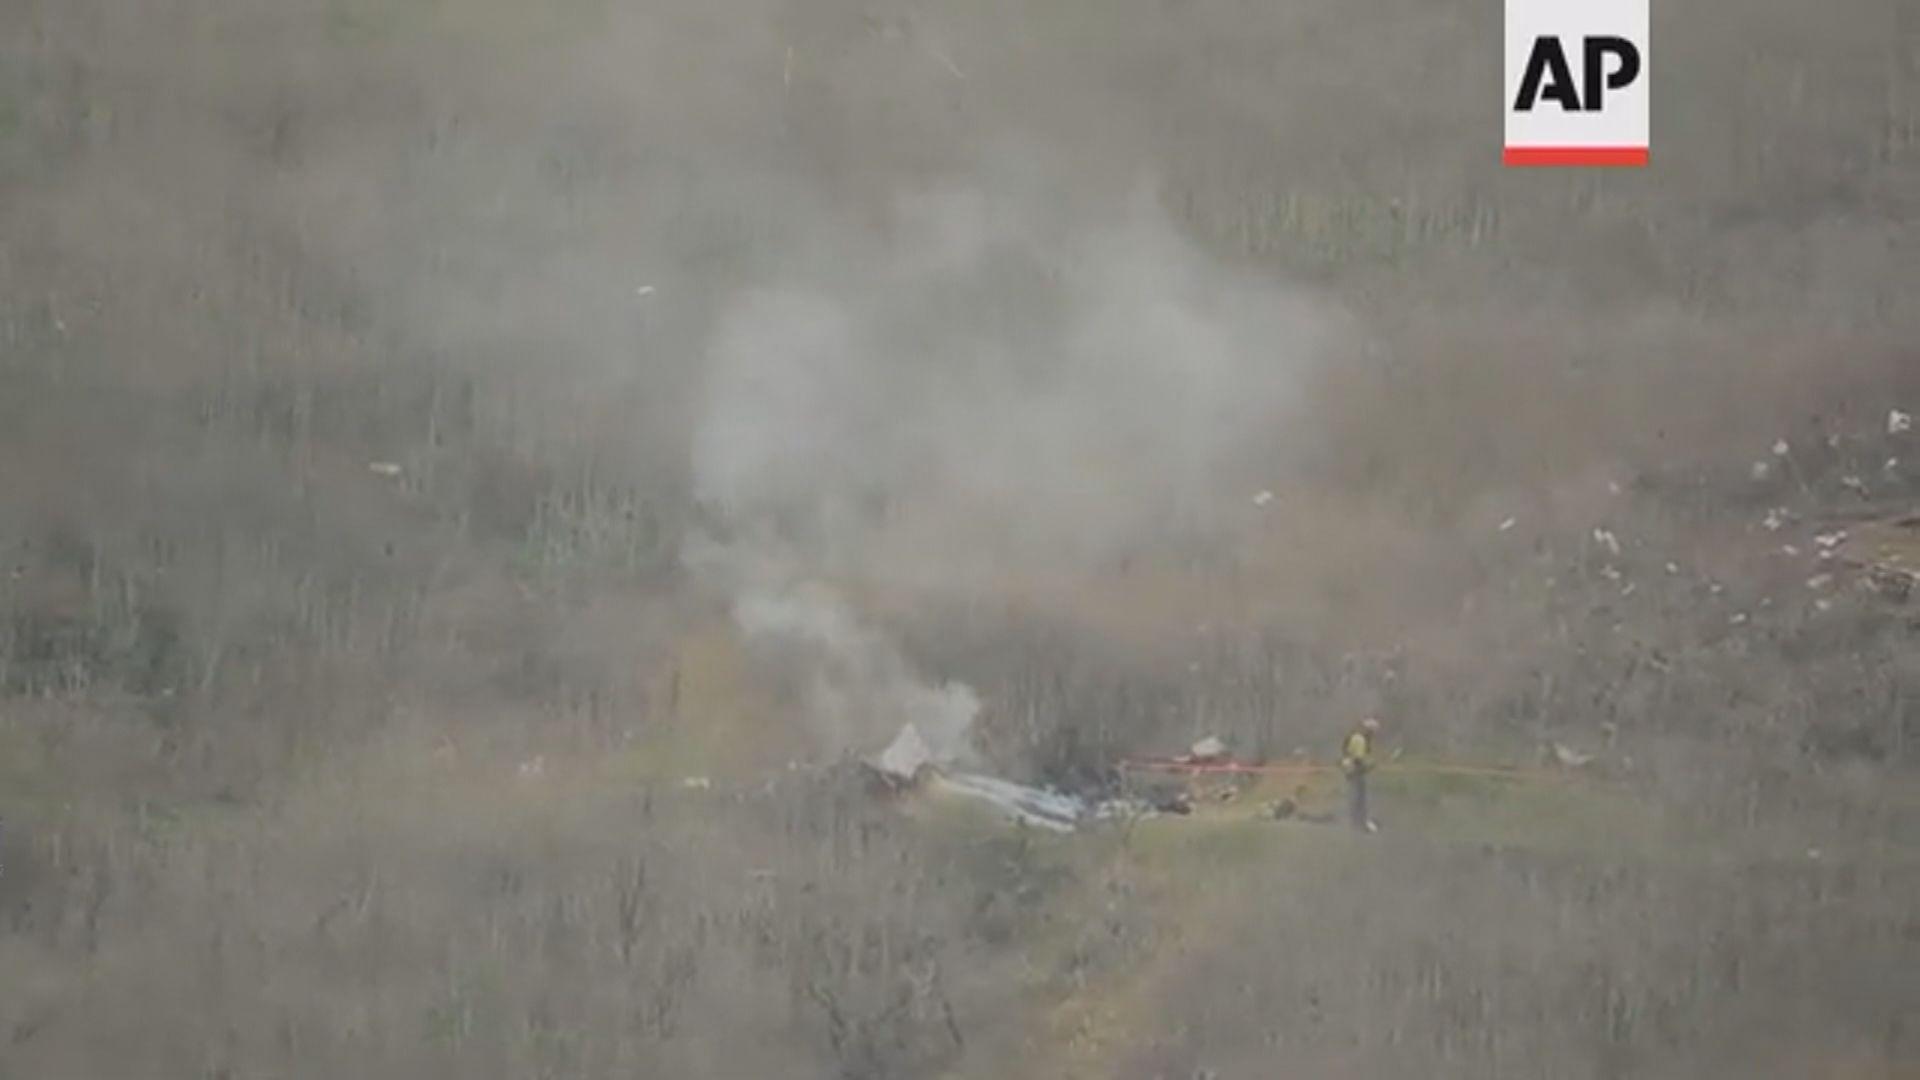 高比拜恩墜機事件 調查指機師須負主要責任